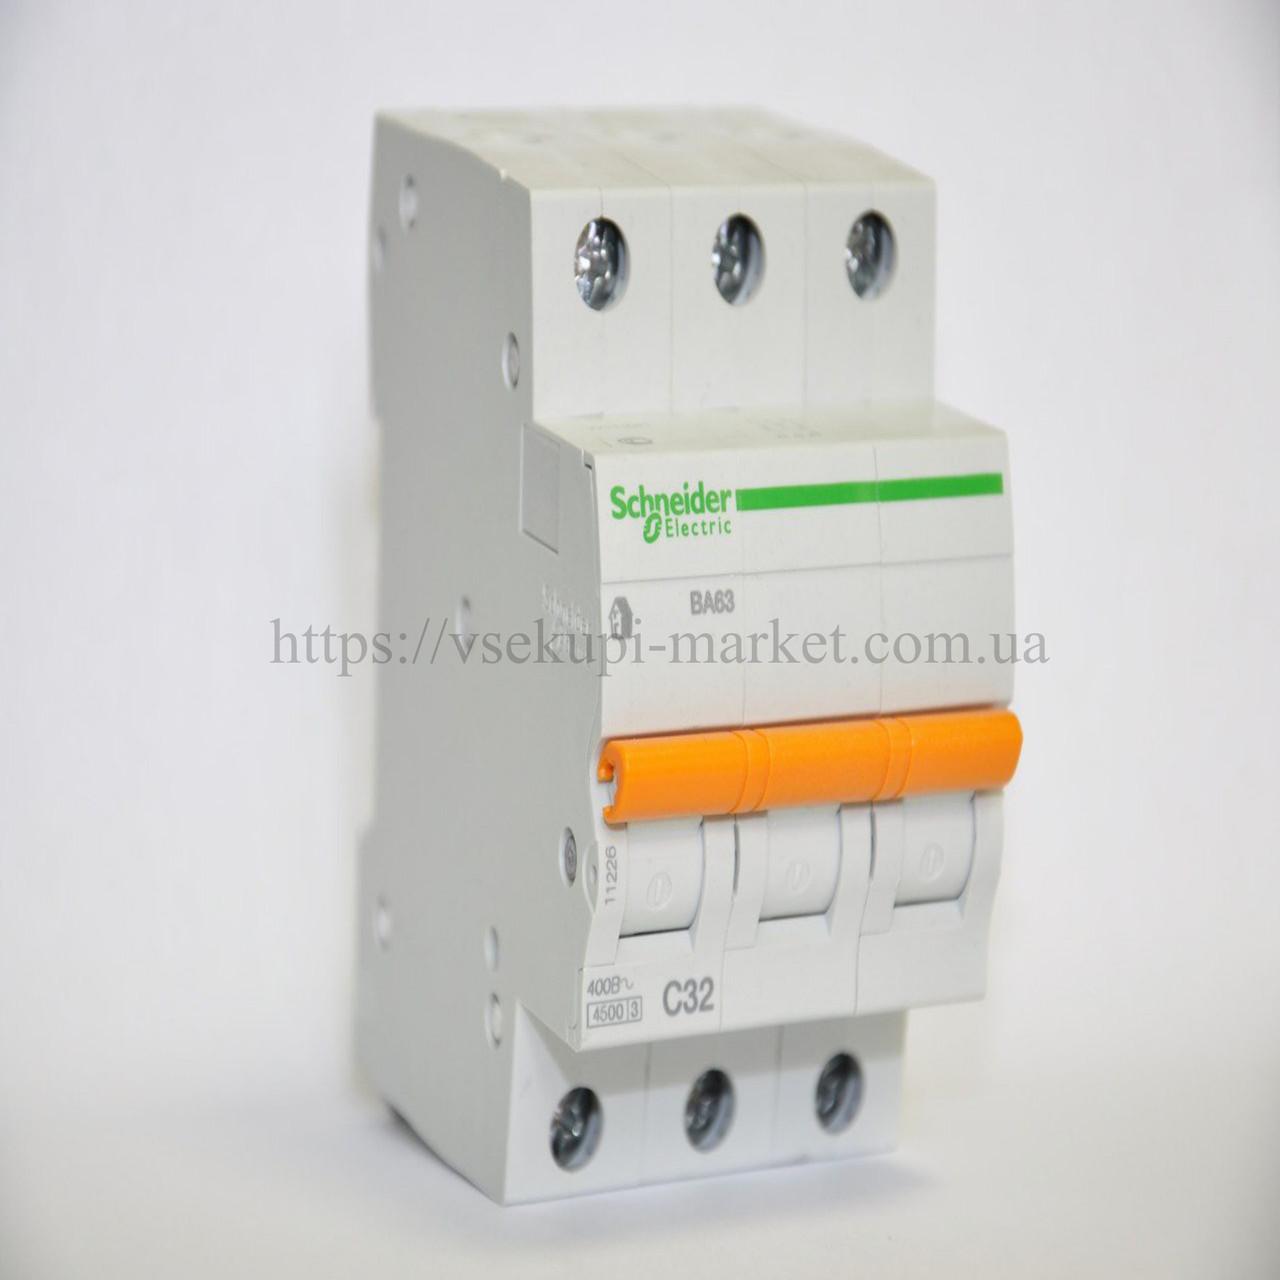 Автоматический выключатель SCHNEIDER ВА63 3Р 32А 3 ПОЛЮСА С 11226